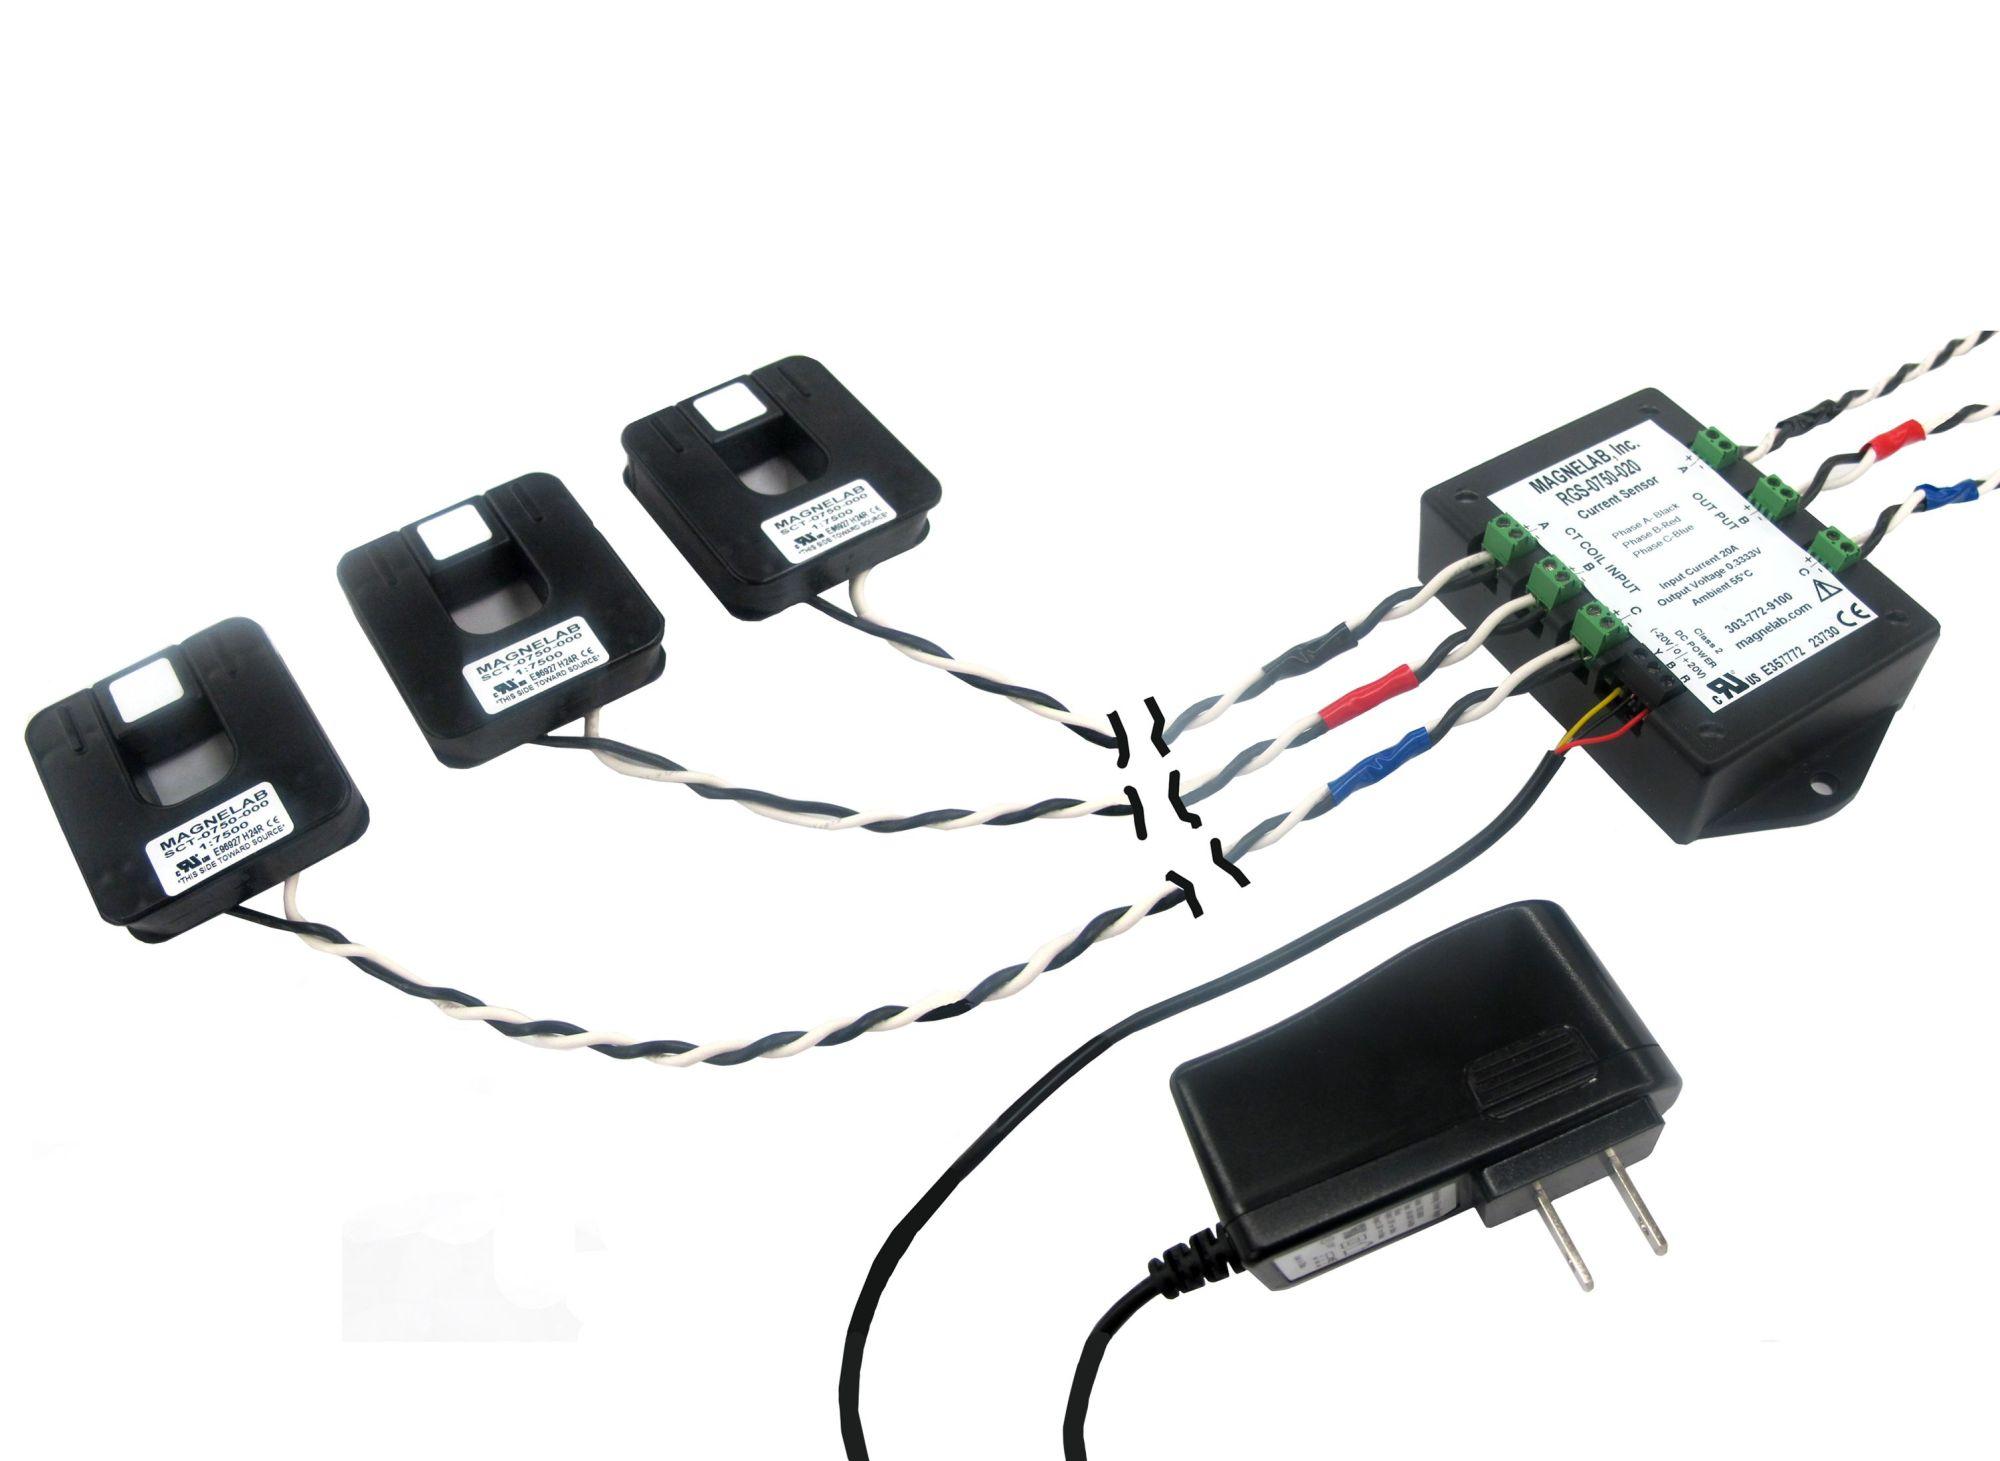 hight resolution of revenue grade ac current sensor rgs 0750